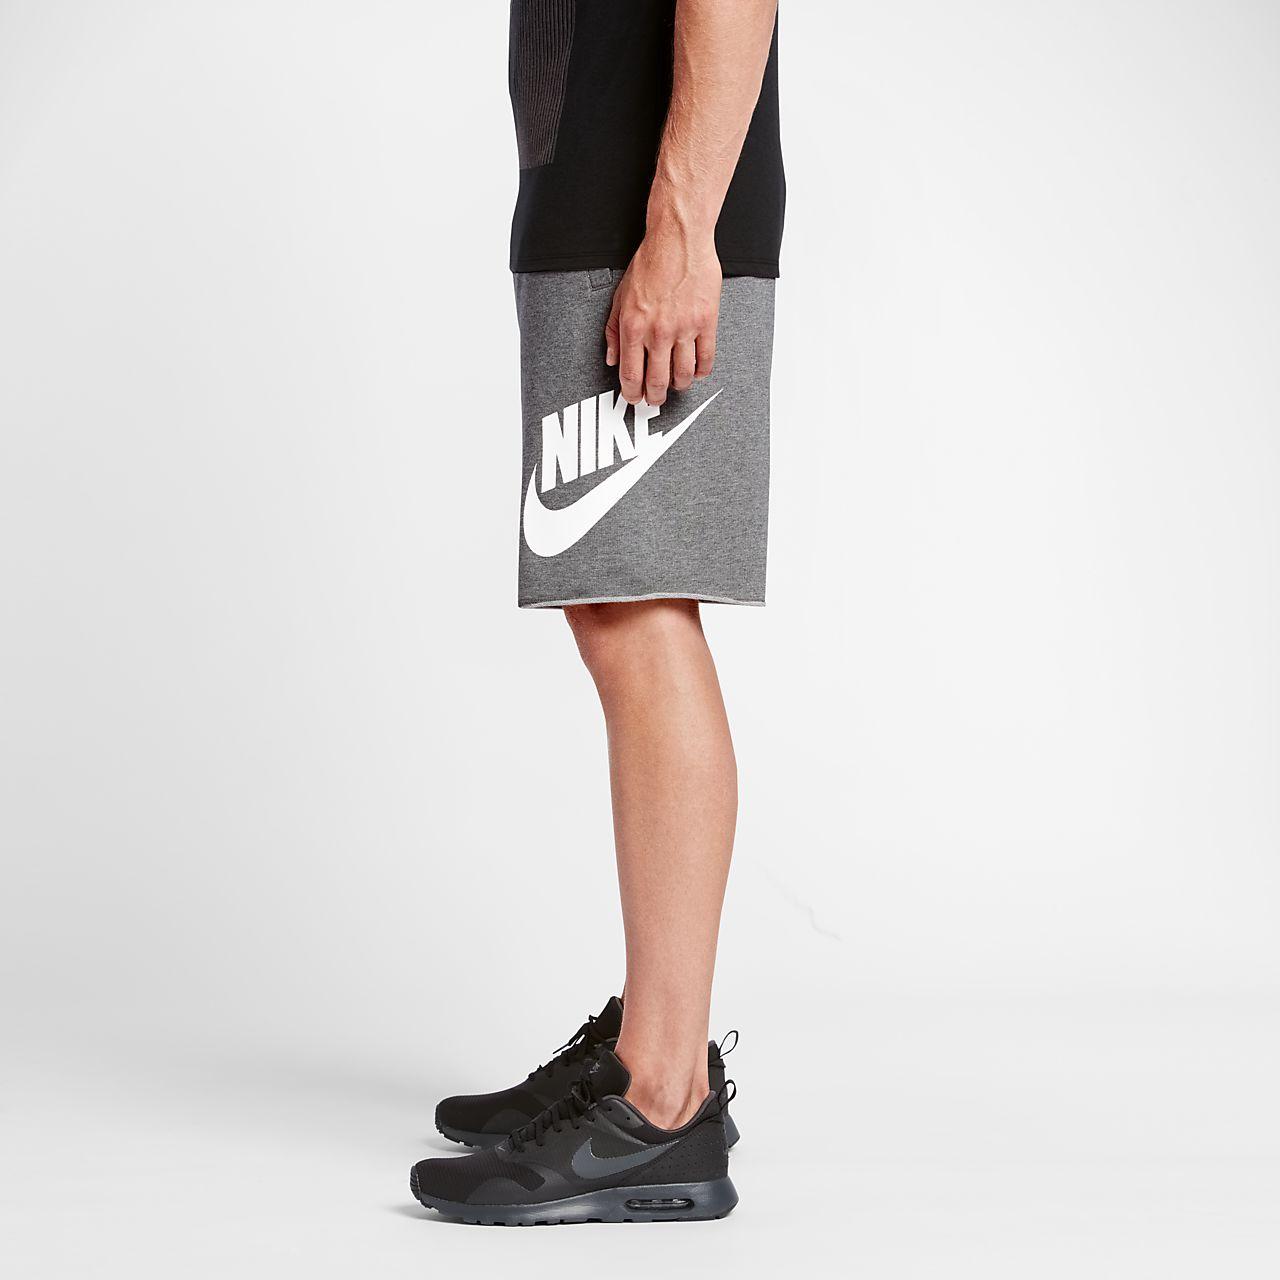 Low Resolution Nike Sportswear Men's Logo Shorts Nike Sportswear Men's Logo  Shorts